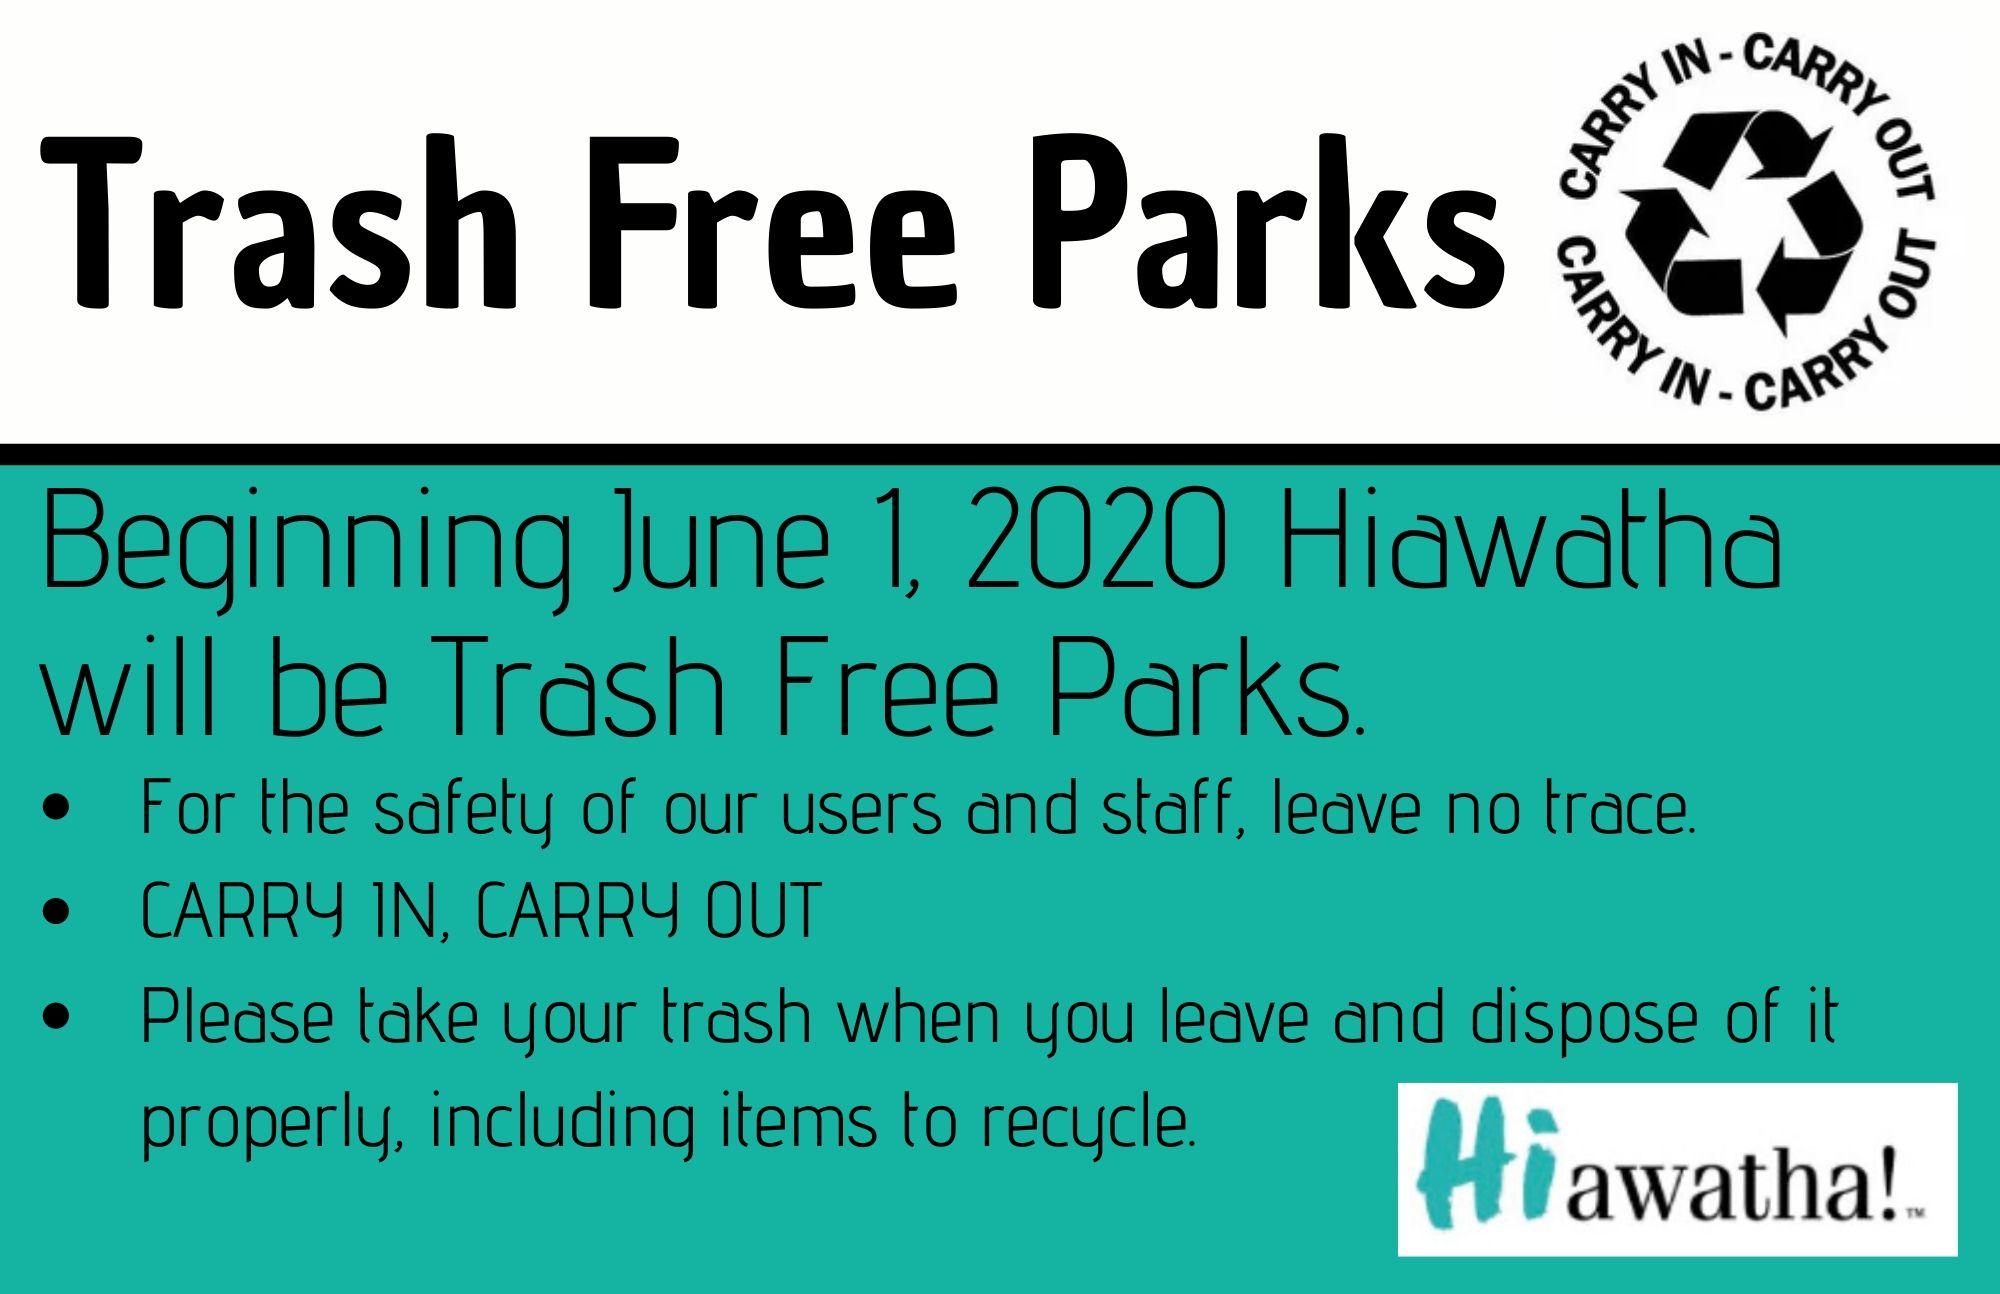 Trash free parks